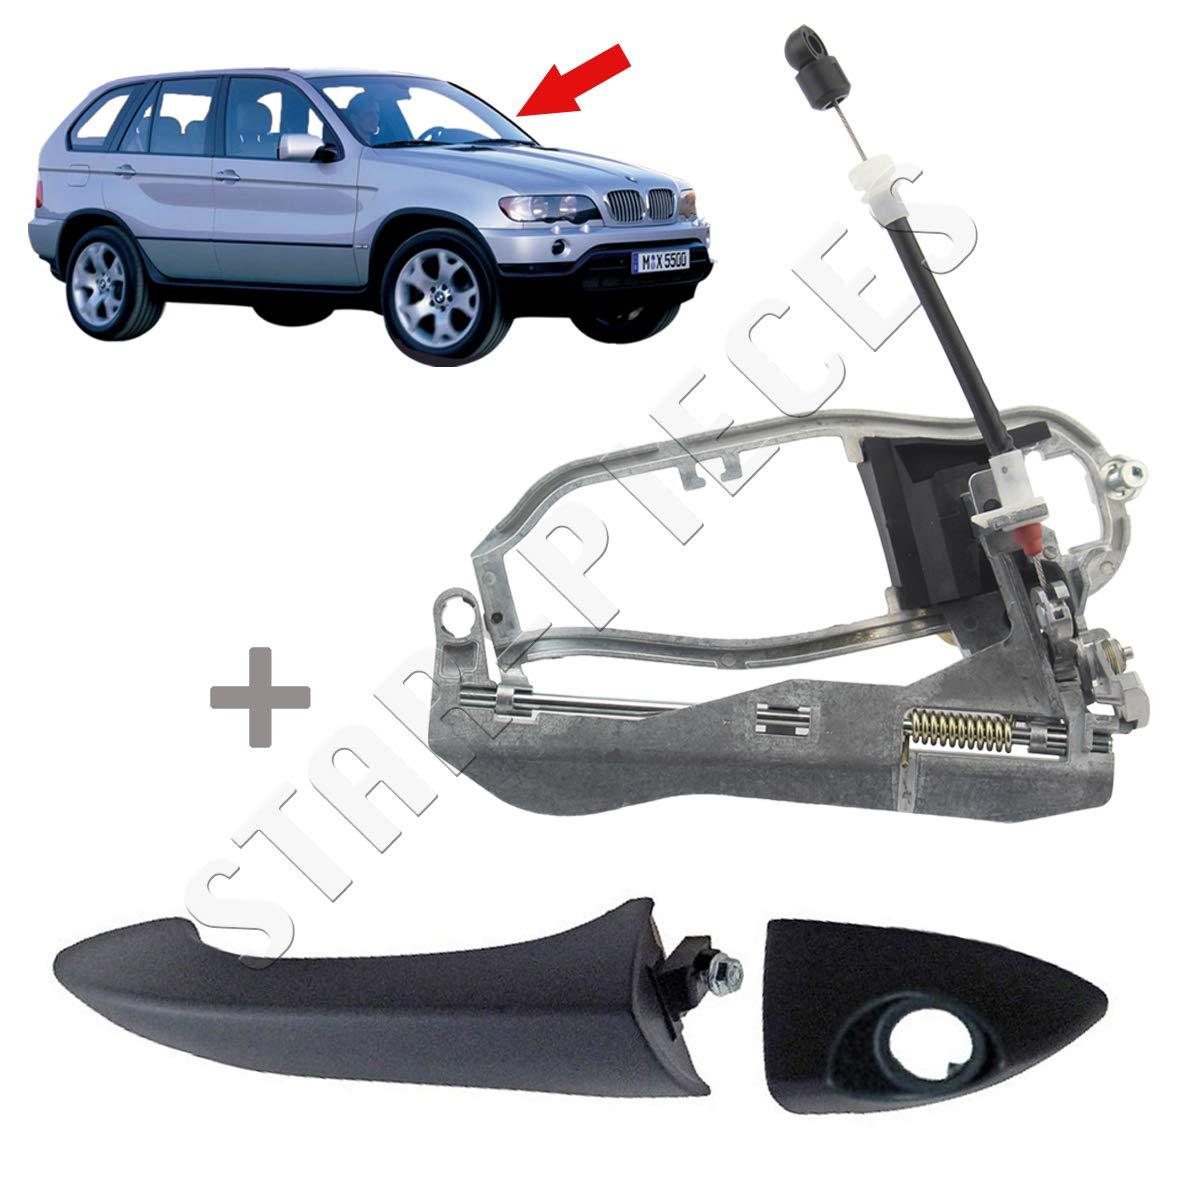 de 1999 /à 2006 M/écanisme et poign/ée ext/érieure de porte avant gauche conducteur pour X5 E53